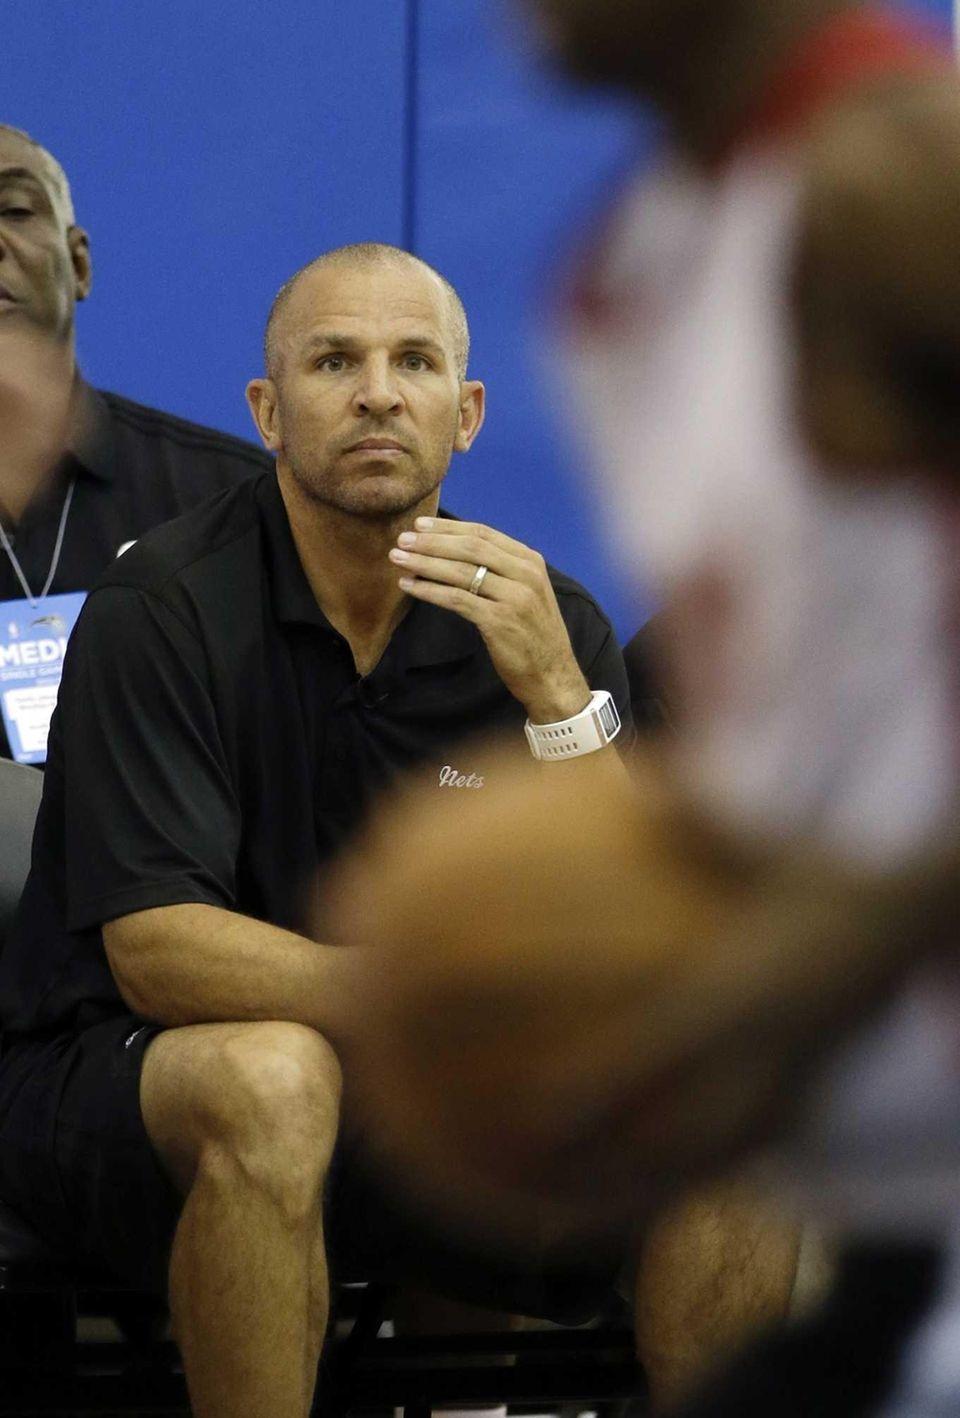 Nets head coach Jason Kidd watches his team